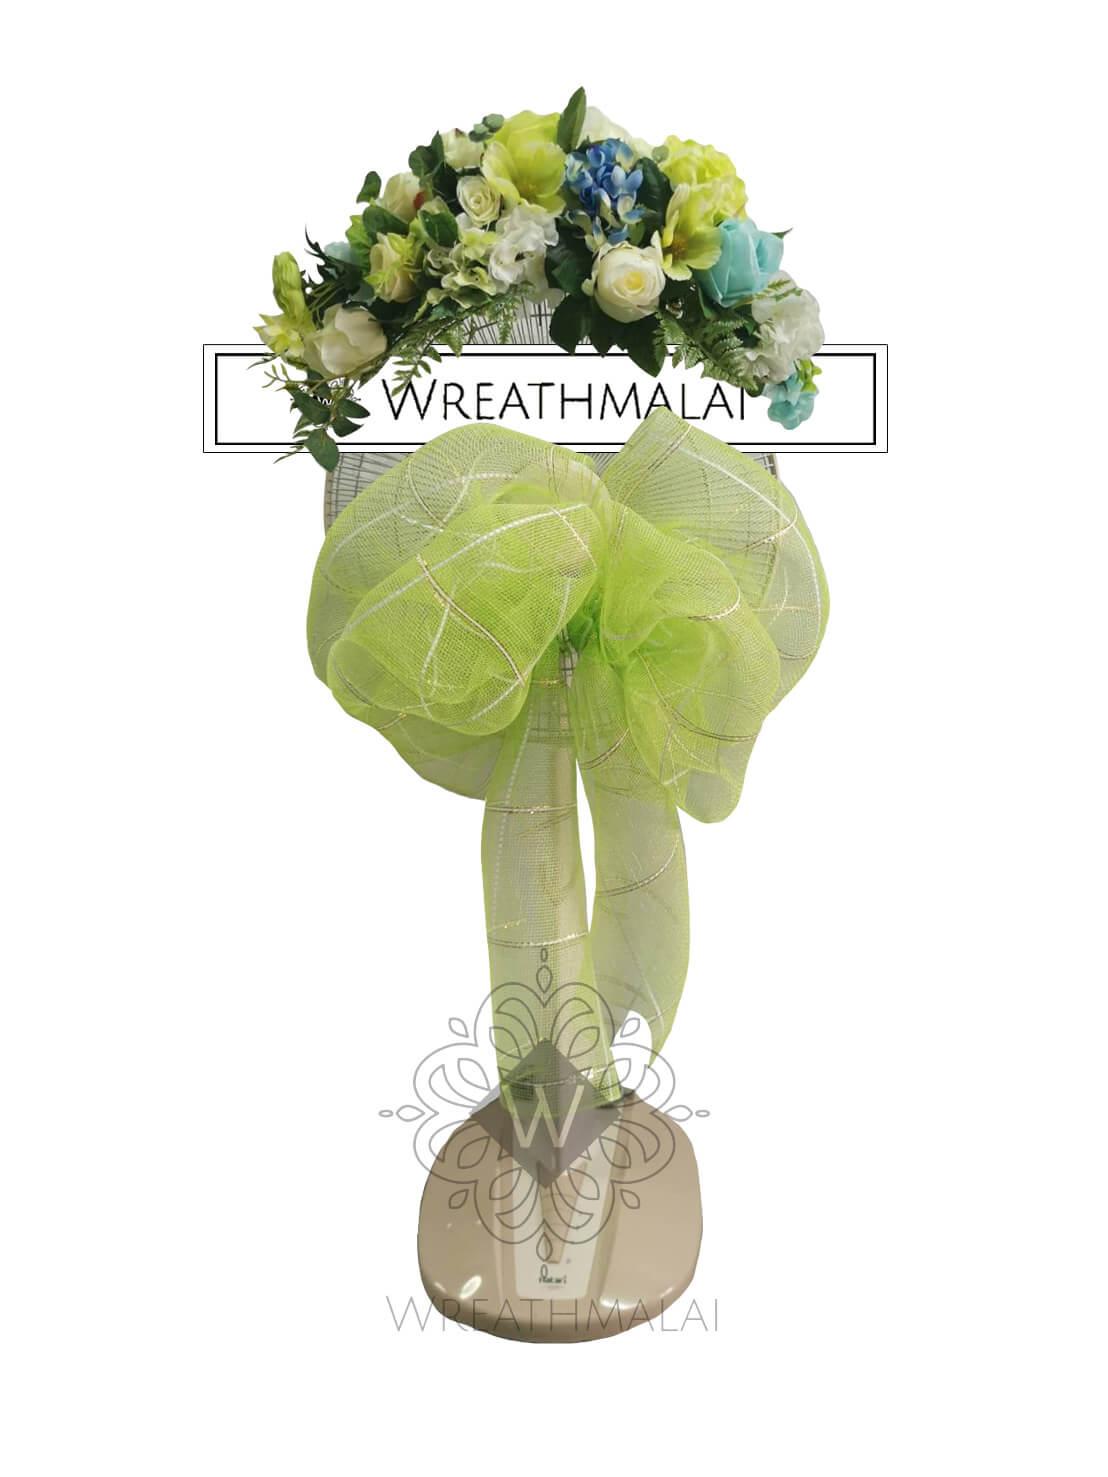 """WF022 พวงหรีด """"หยกมณี""""  SHARP/HATARI 16 นิ้ว/18 นิ้ว เกลียวโบว์เขียวอ่อน และดอกไม้พาสเทลจัดช่อสวยงามด้านบน"""